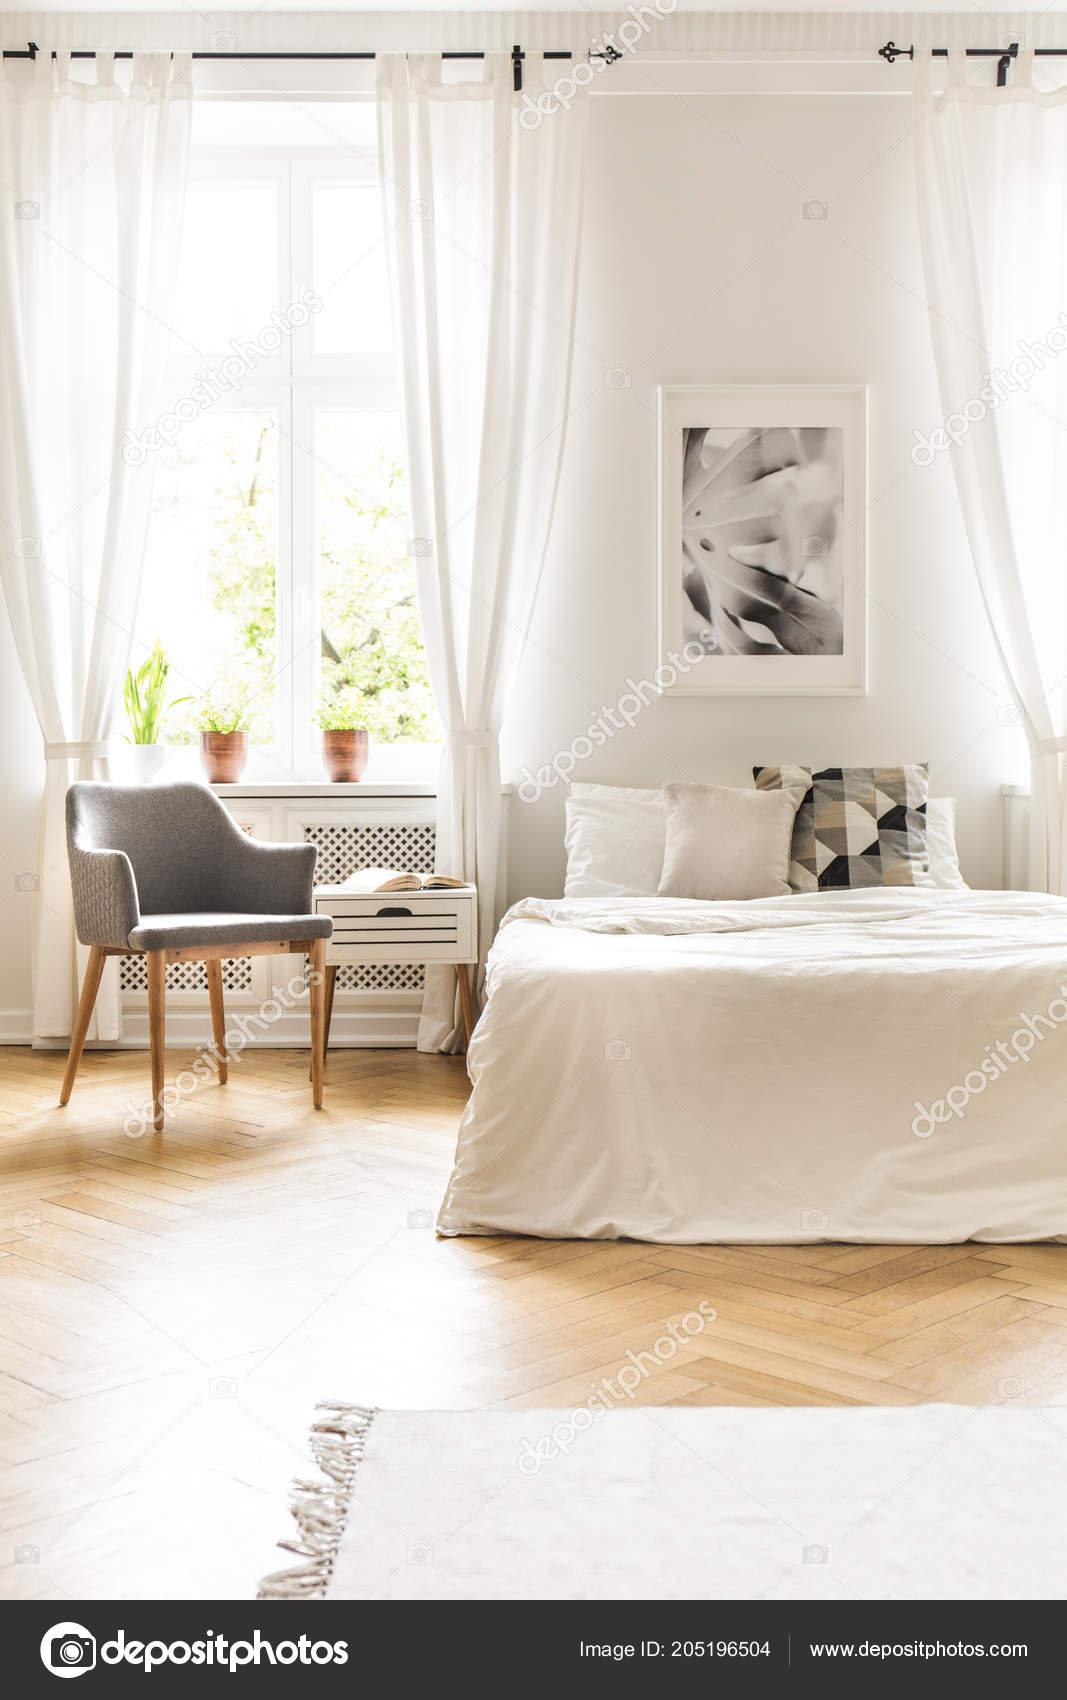 Fauteuil Gris Fenêtre Avec Rideaux Intérieur Chambre Coucher Blanche ...